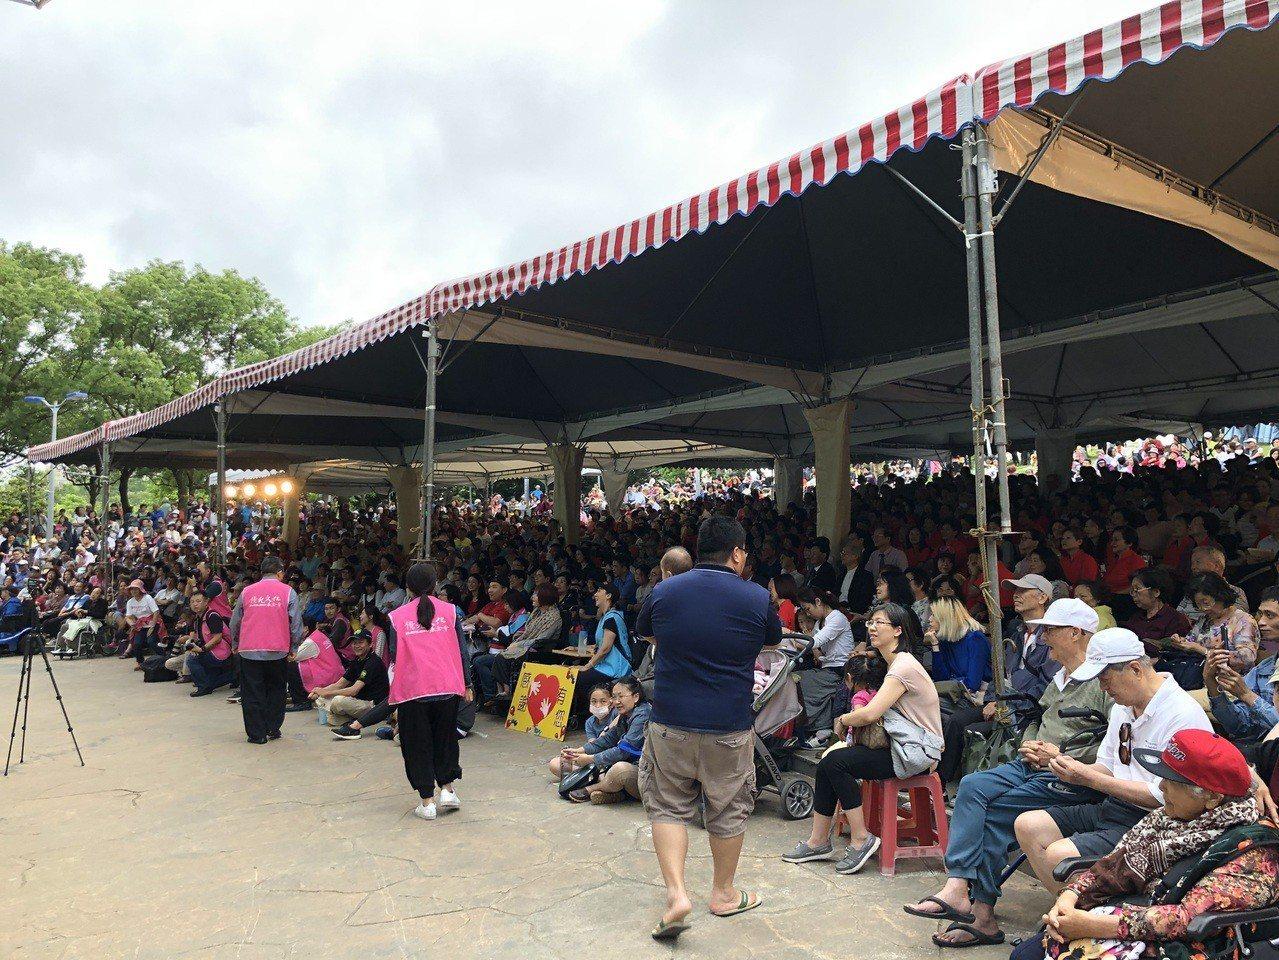 民眾下午聚集在大安森林公園的音樂會享受表演。記者劉柏均/攝影